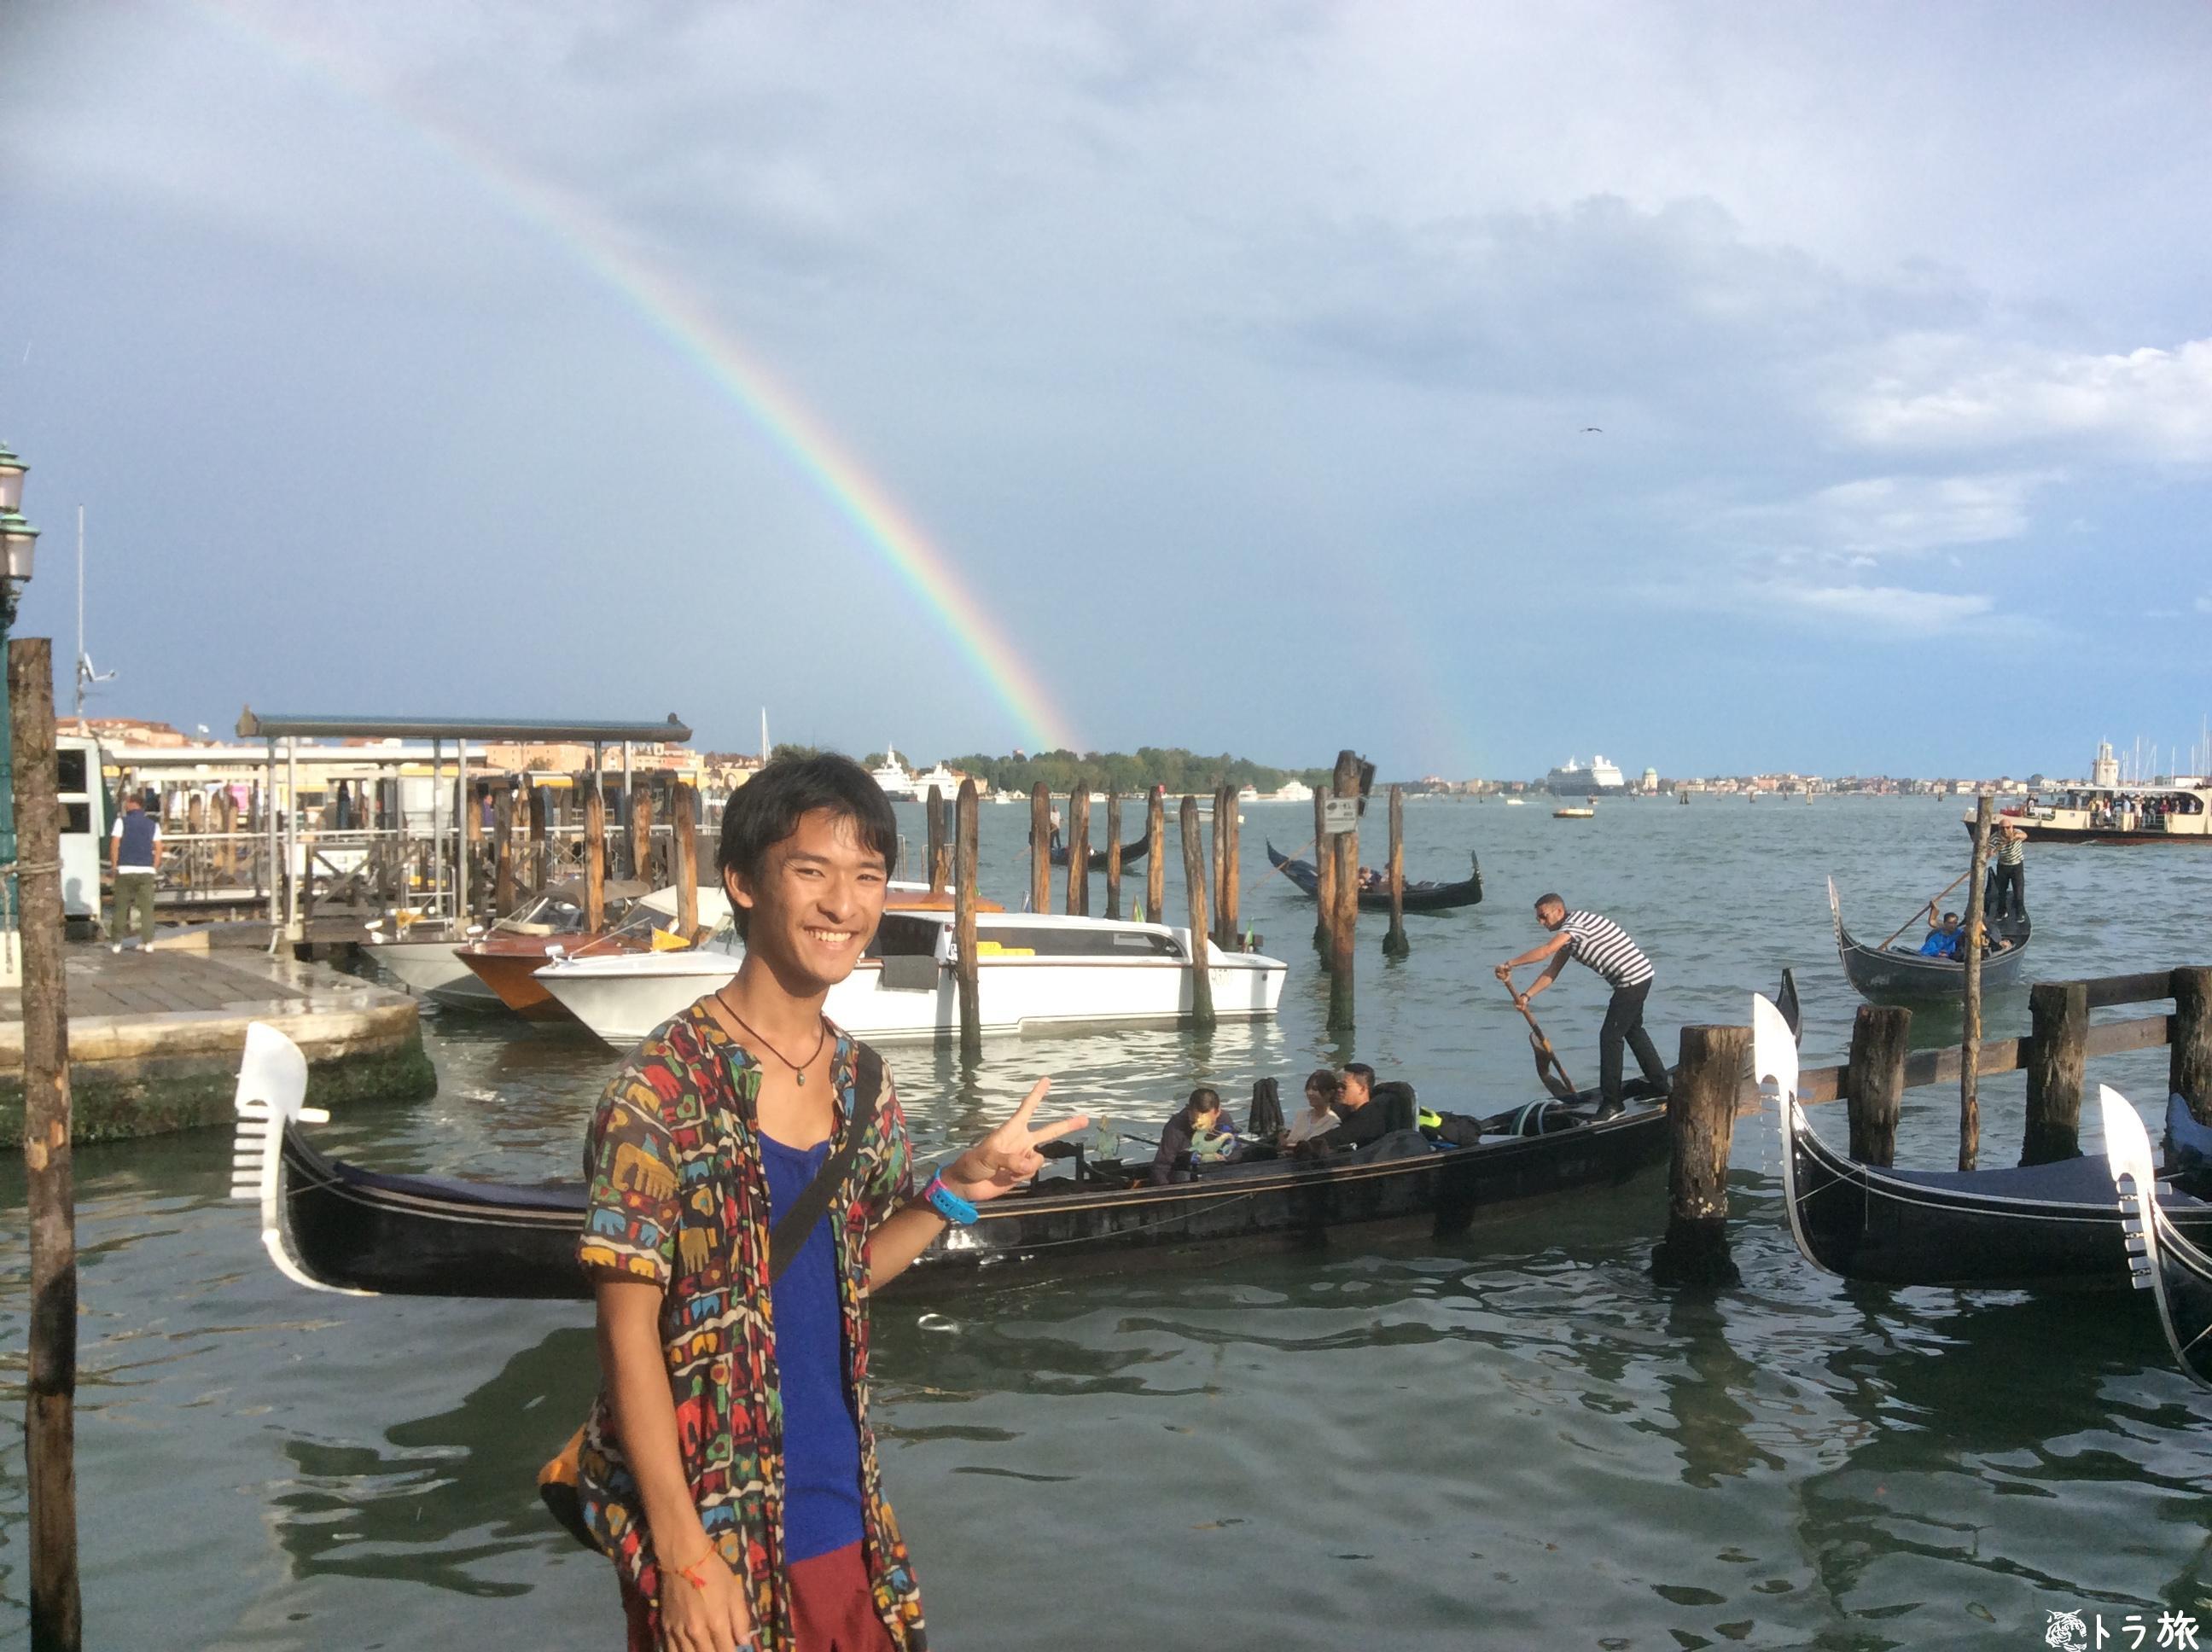 ヴェネツィア観光を200%楽しむために知っておきたいこと